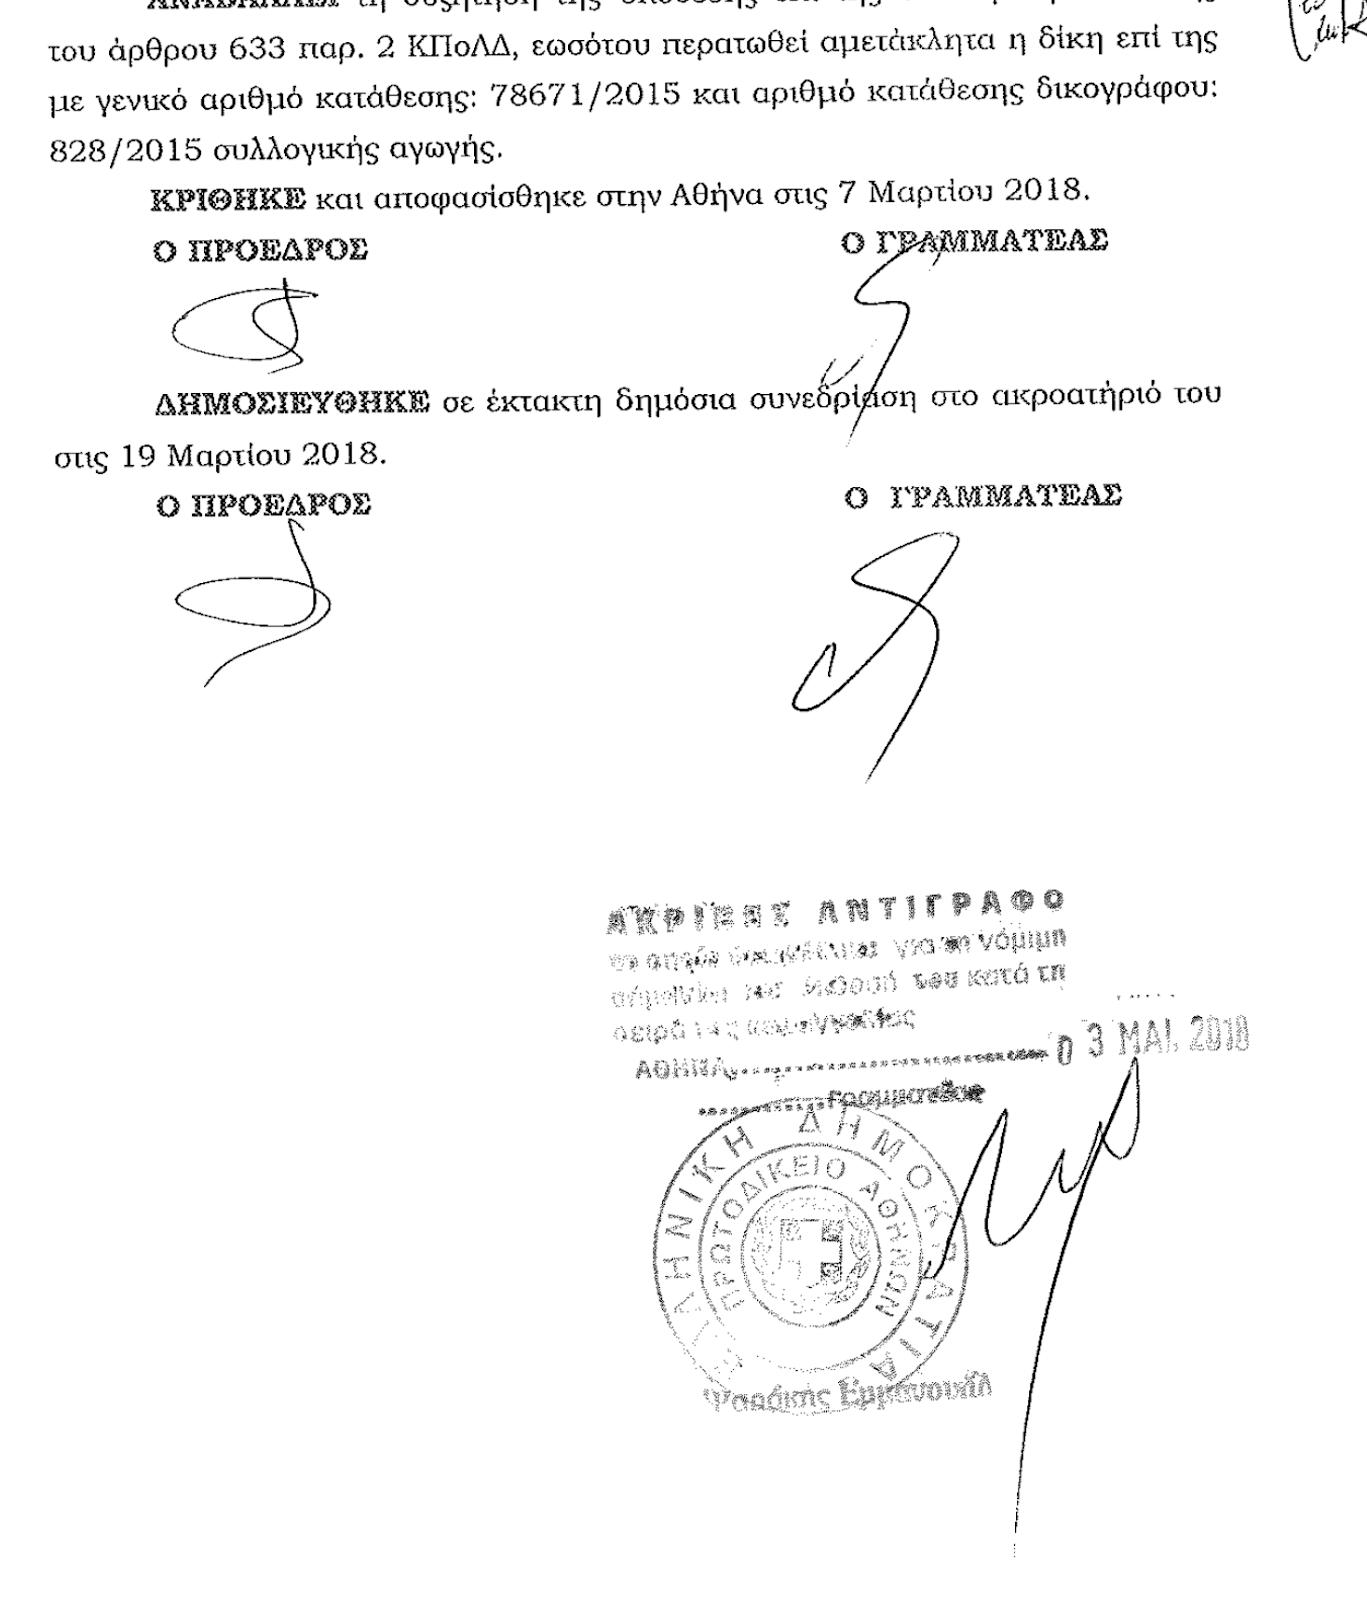 Η εμφάνιση της απόφασης την 03-05-2018 και η αυθημερόν λήψη επικυρωμένου  αντιγράφου d11ee35c0ad